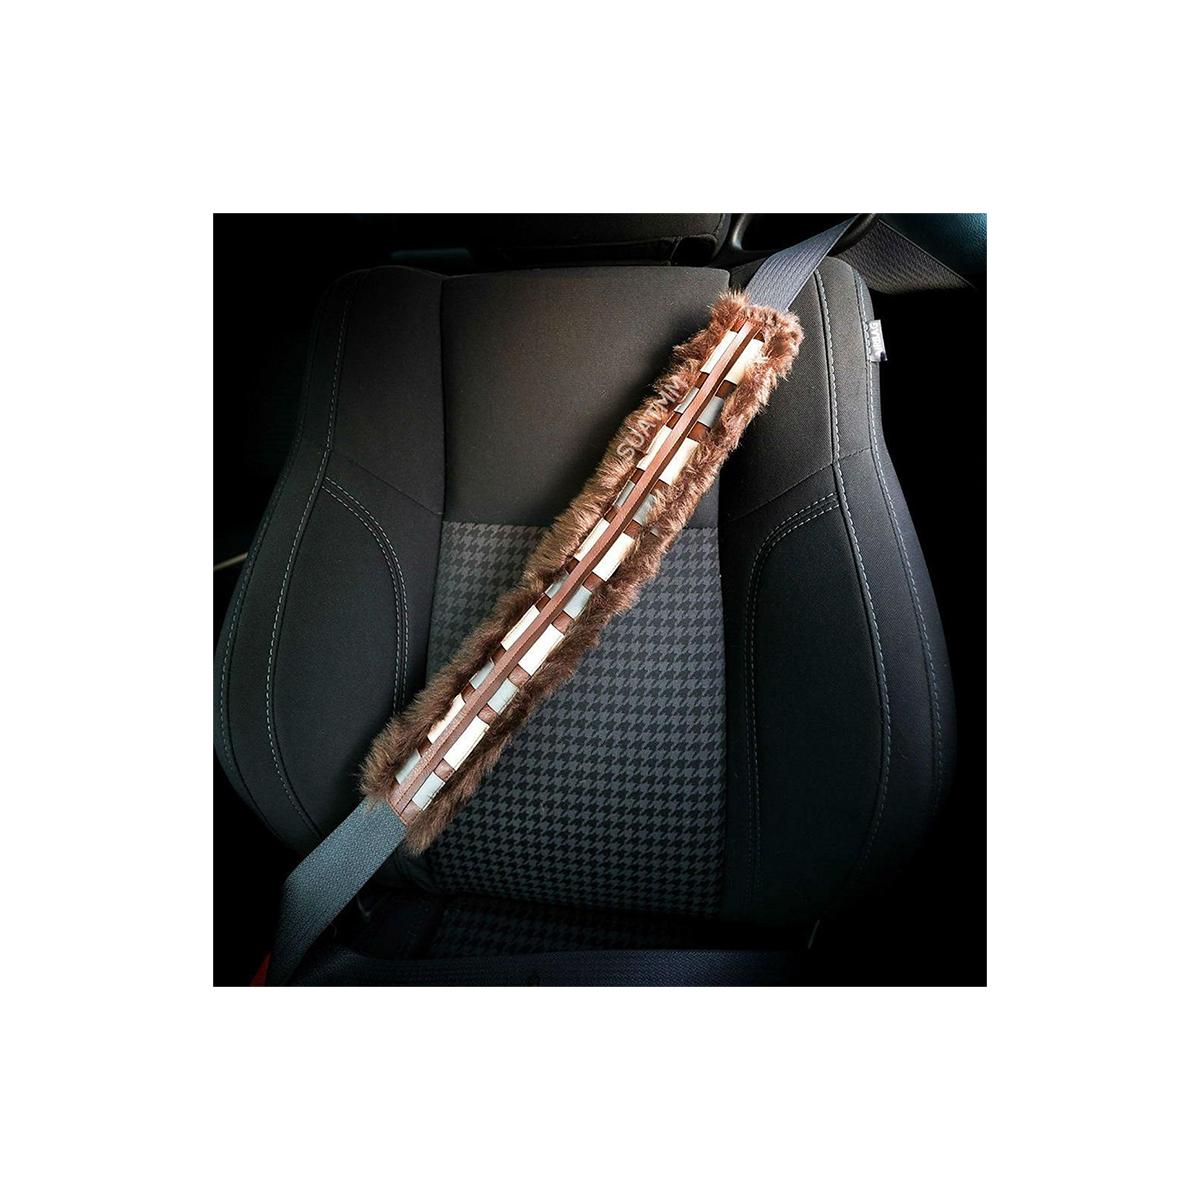 シートベルト カバー パッド スターウォーズ チューバッカ かばん ストラップ 車 装飾 デコレーション おもしろい グッズ